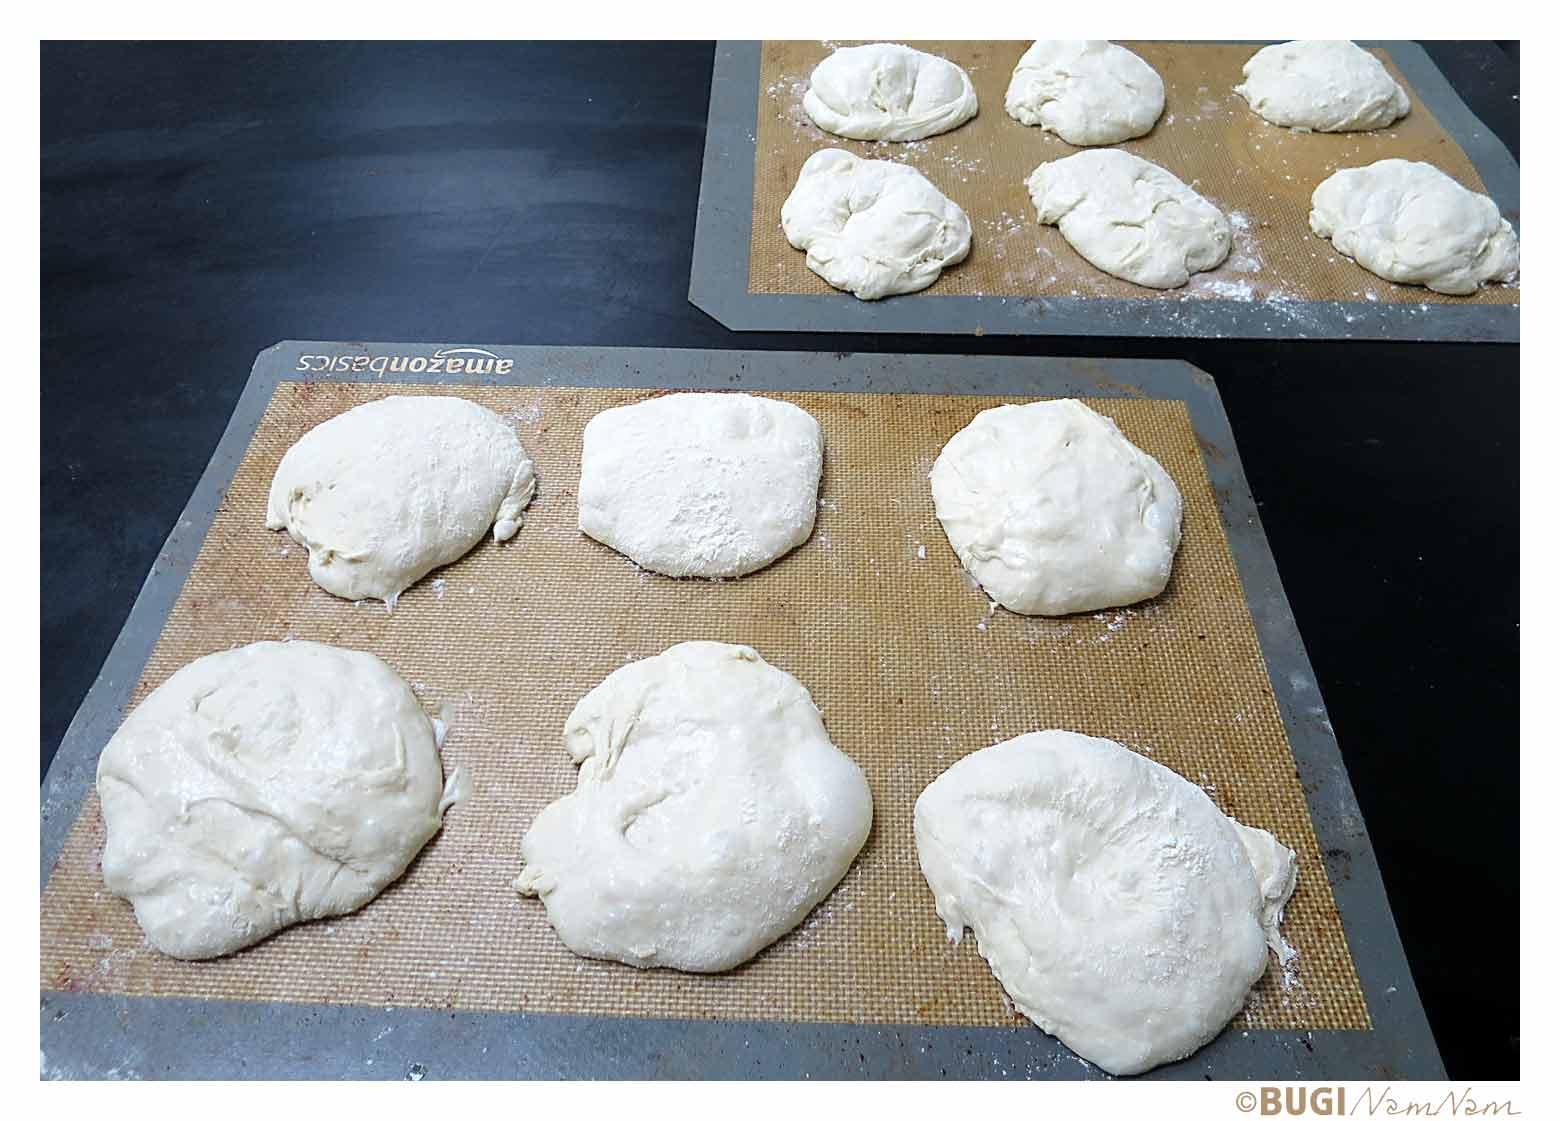 italienske boller klar til at bage